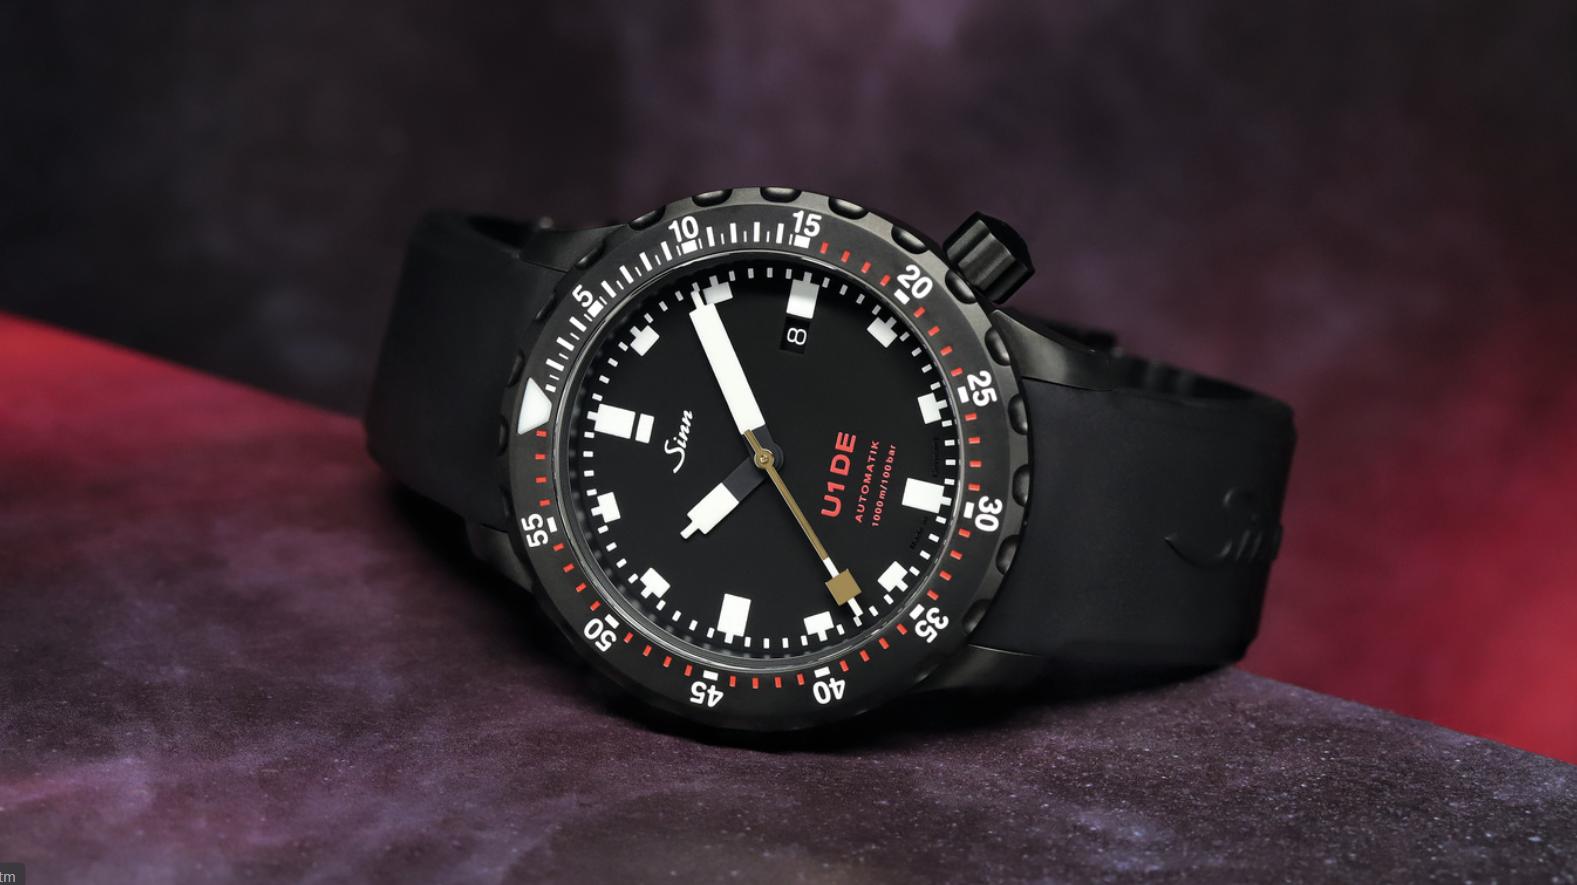 Sinn's new U1 DE watch